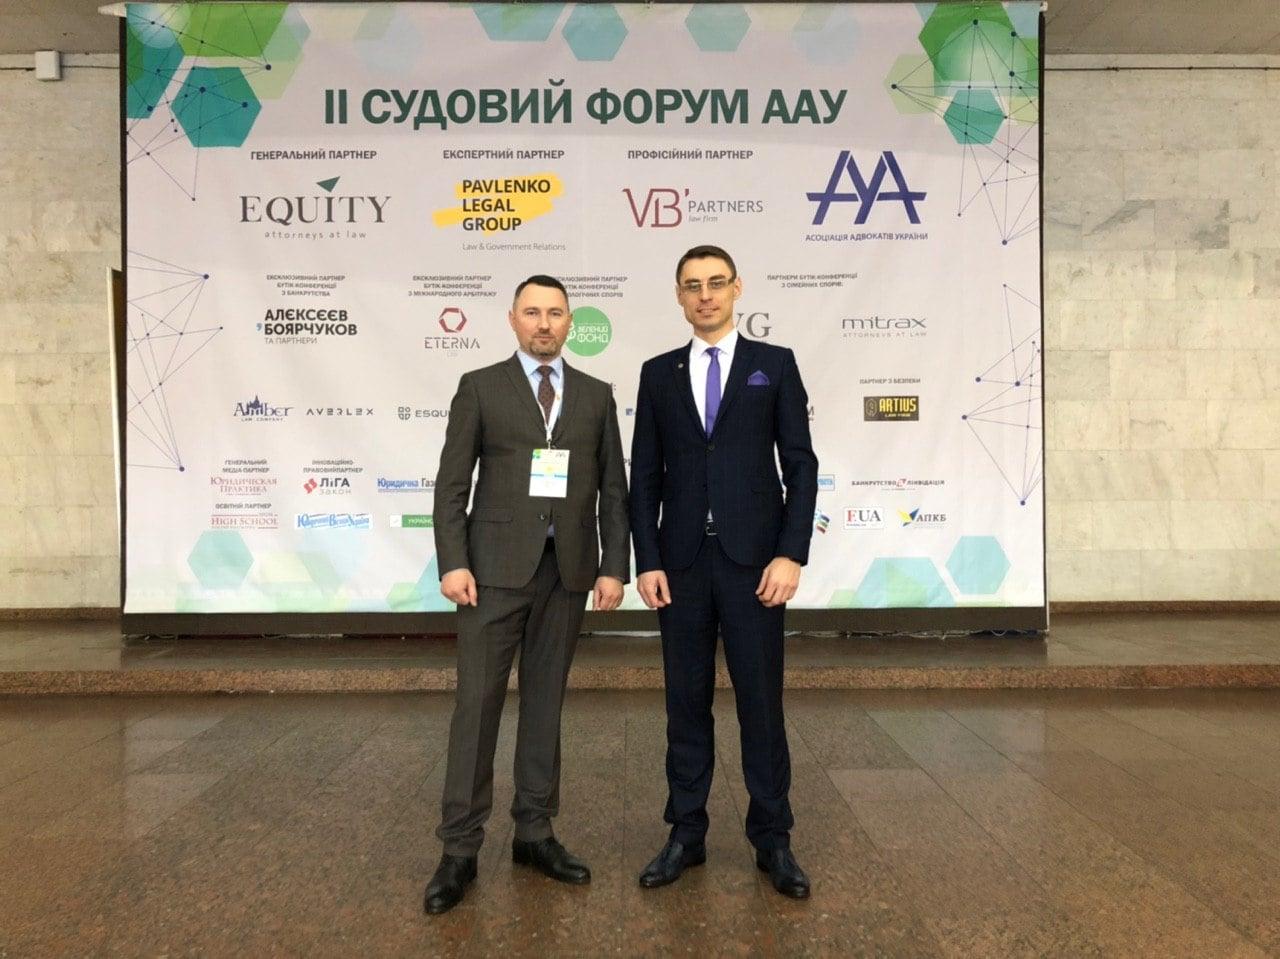 Олег Вдовичен взяв участь у ІІ Судовому форумі ААУ